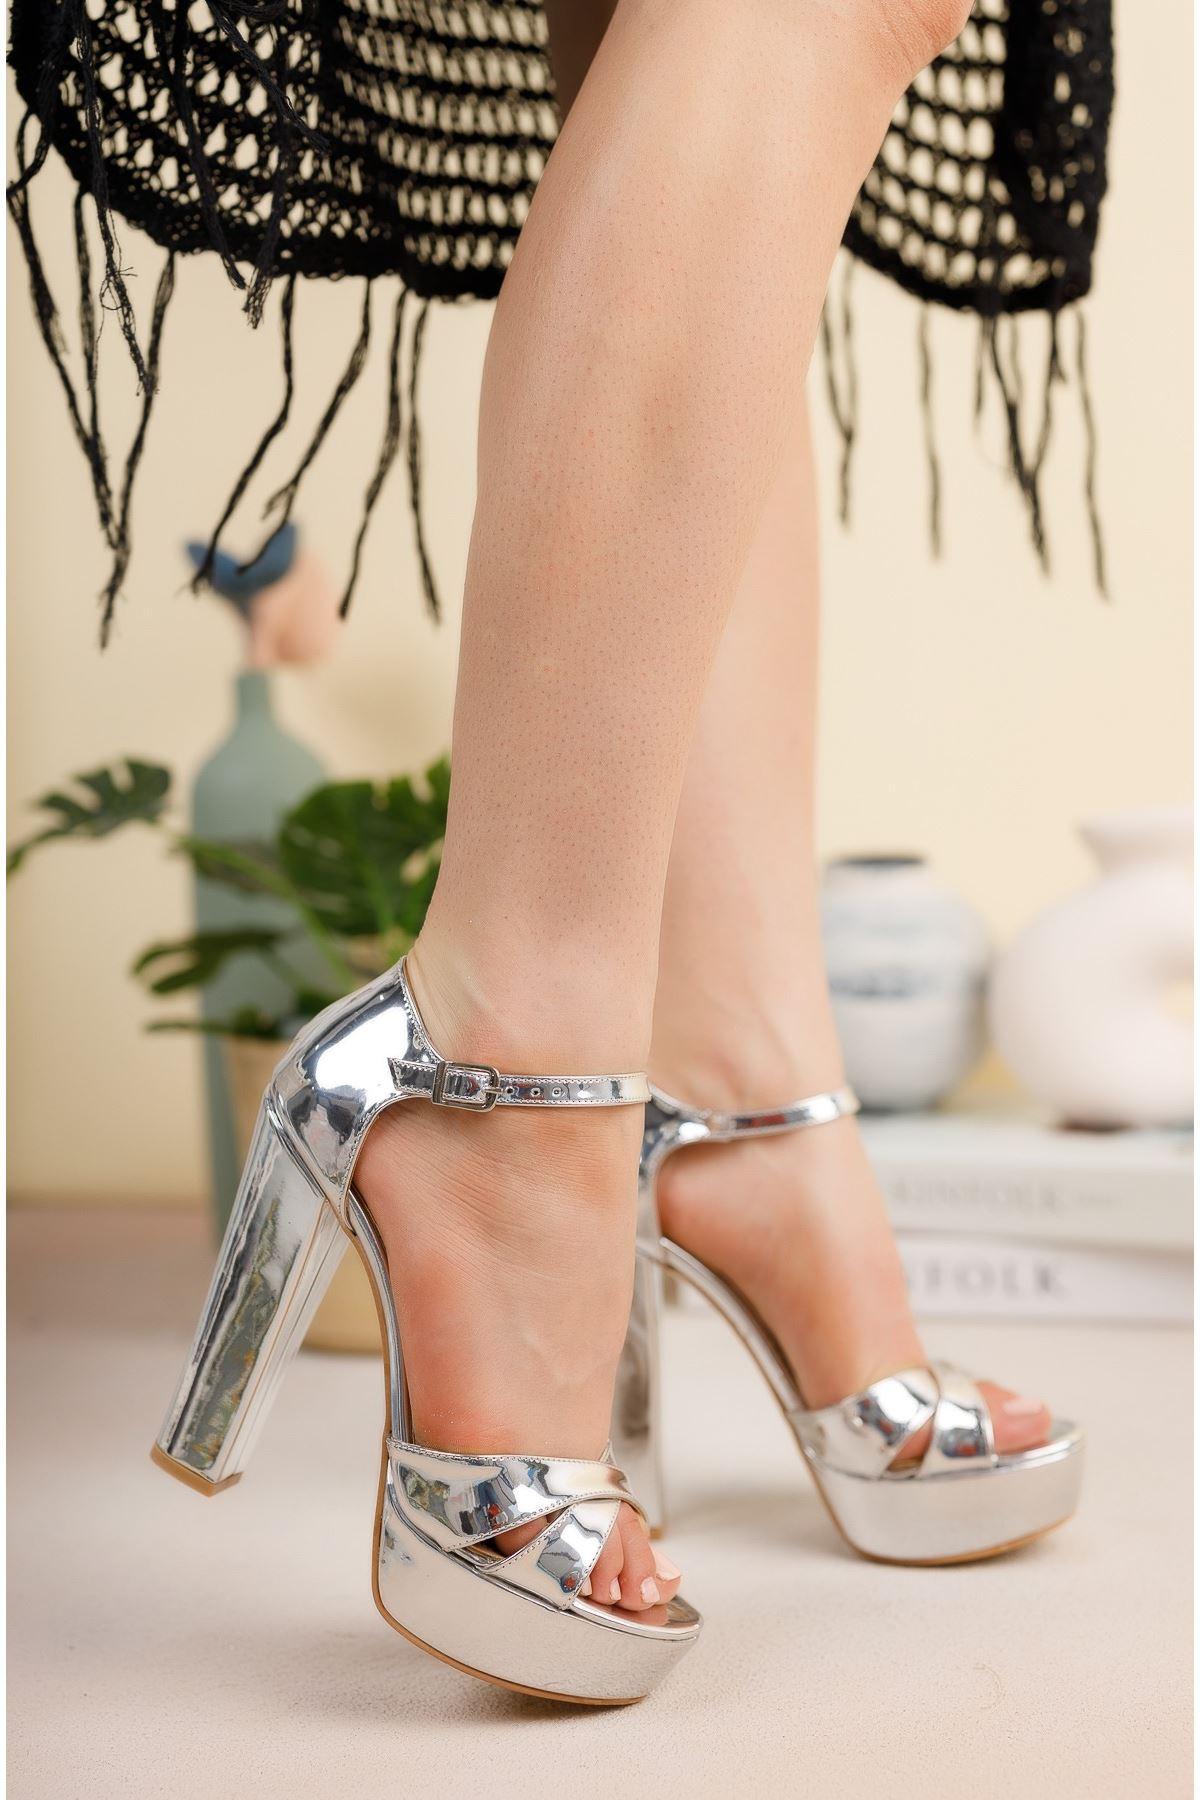 Gümüş Ayna Çapraz Bantlı Yüksek Platform Topuklu Ayakkabı